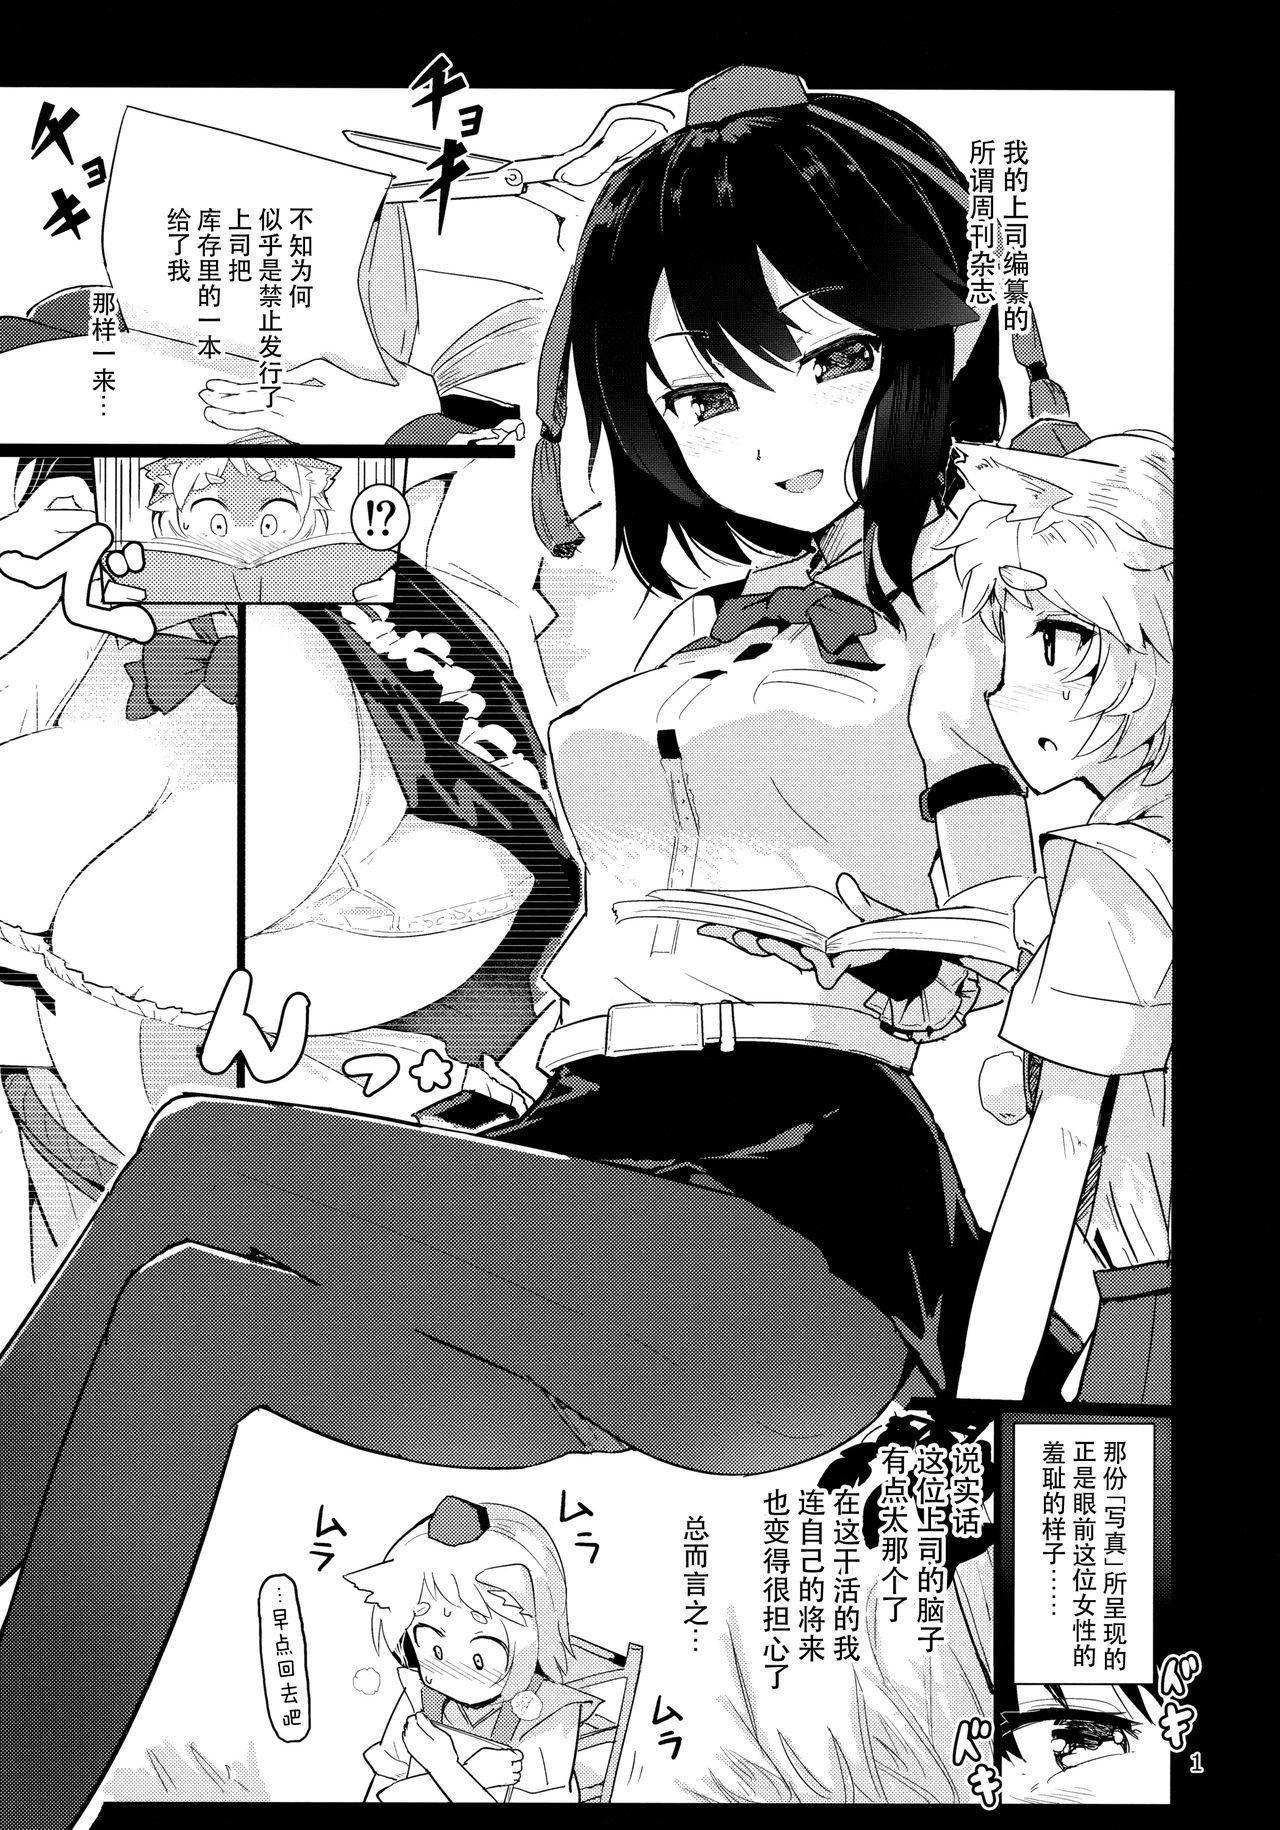 Shameimaru Aya no Appaku Shuzai Ge 2